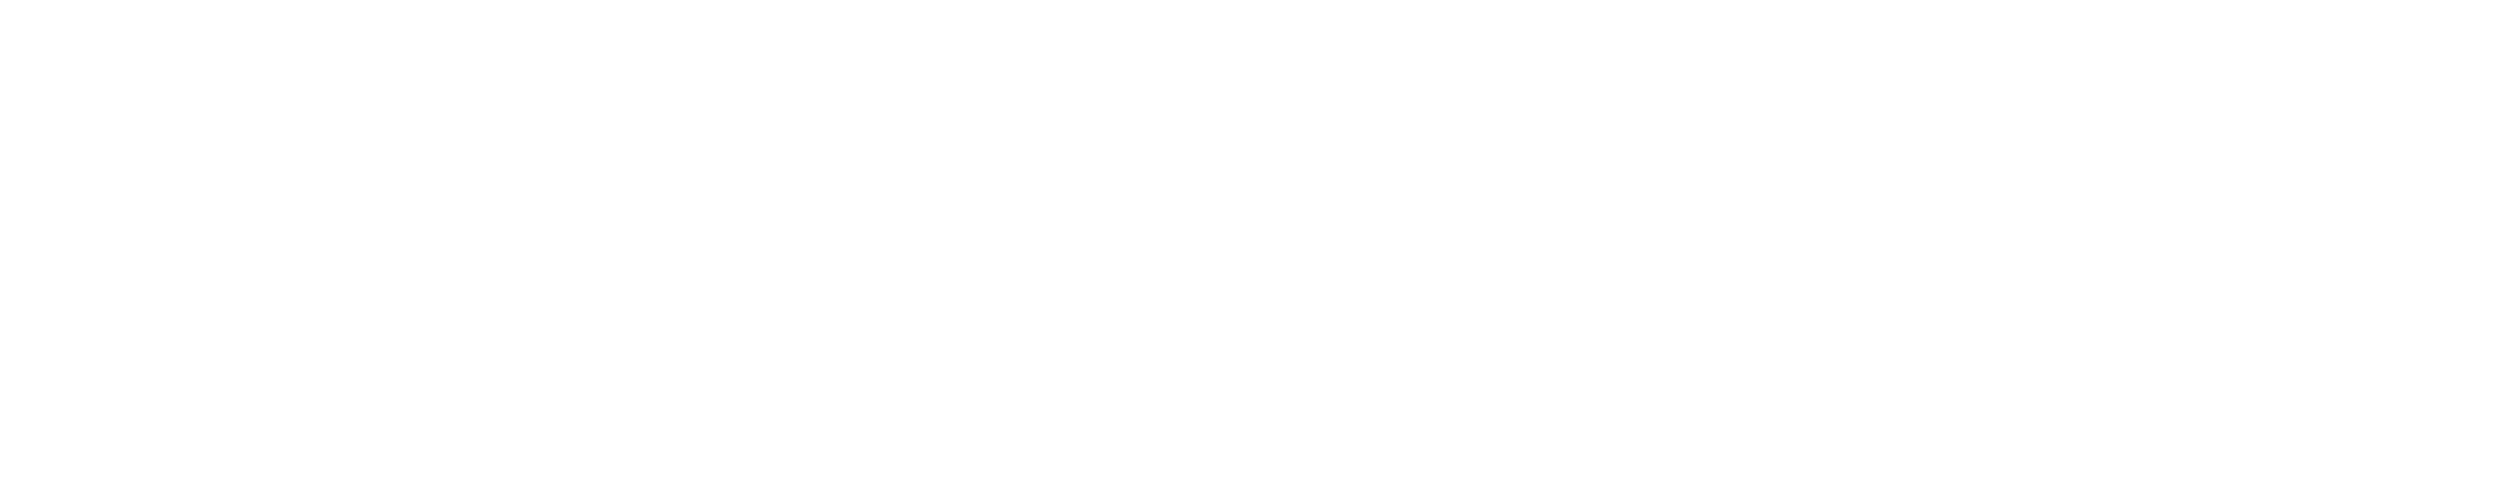 aetna-inc-logo-vector